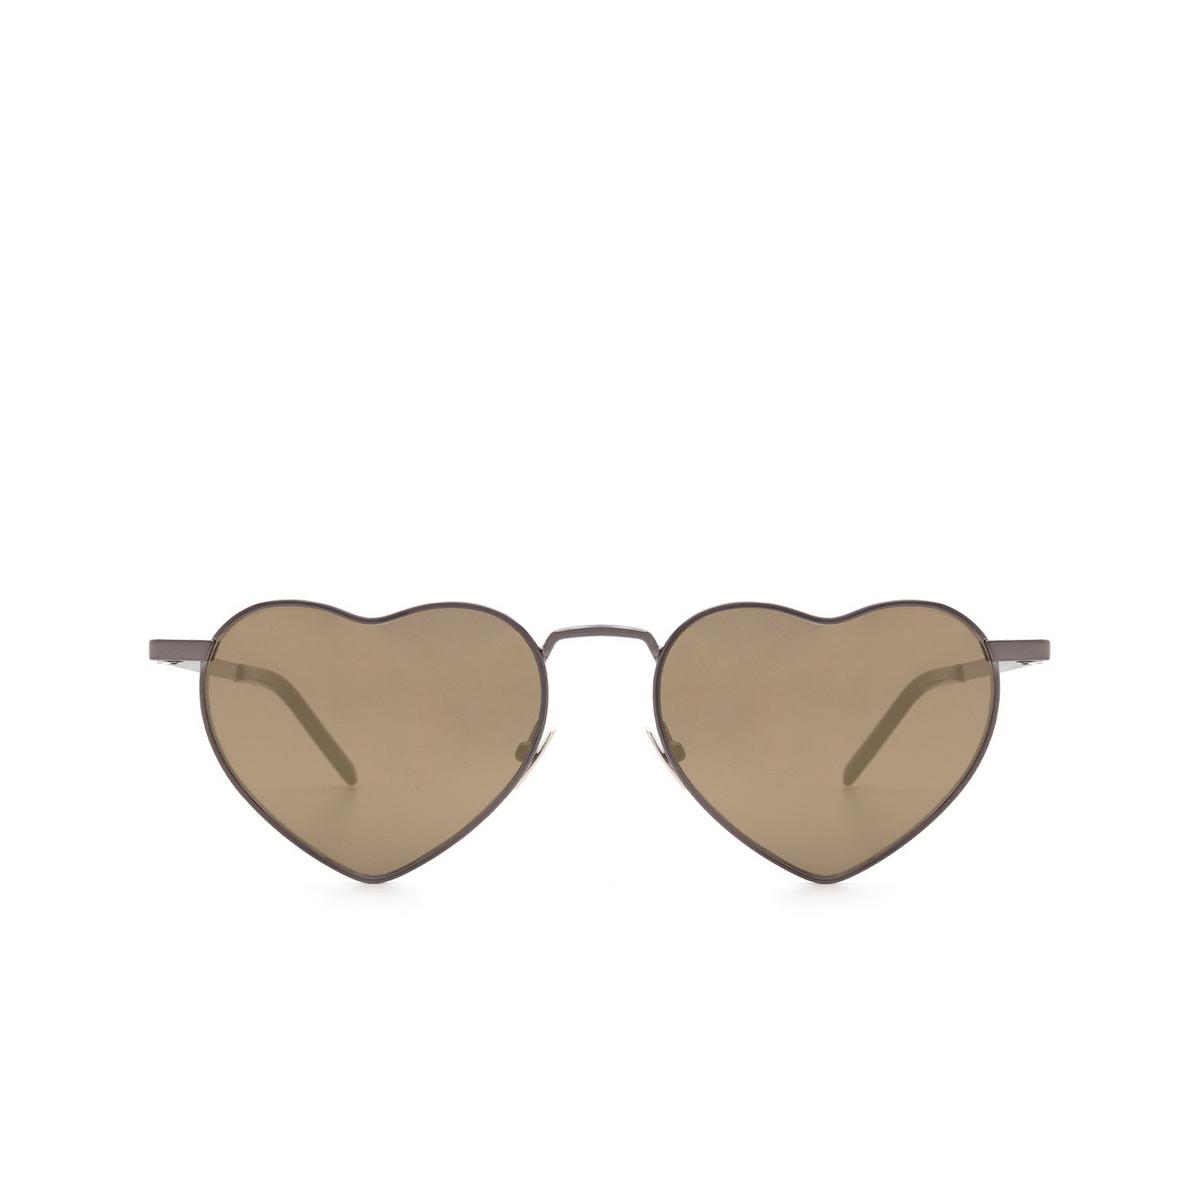 Saint Laurent® Irregular Sunglasses: Loulou SL 301 color Ruthenium 008 - front view.